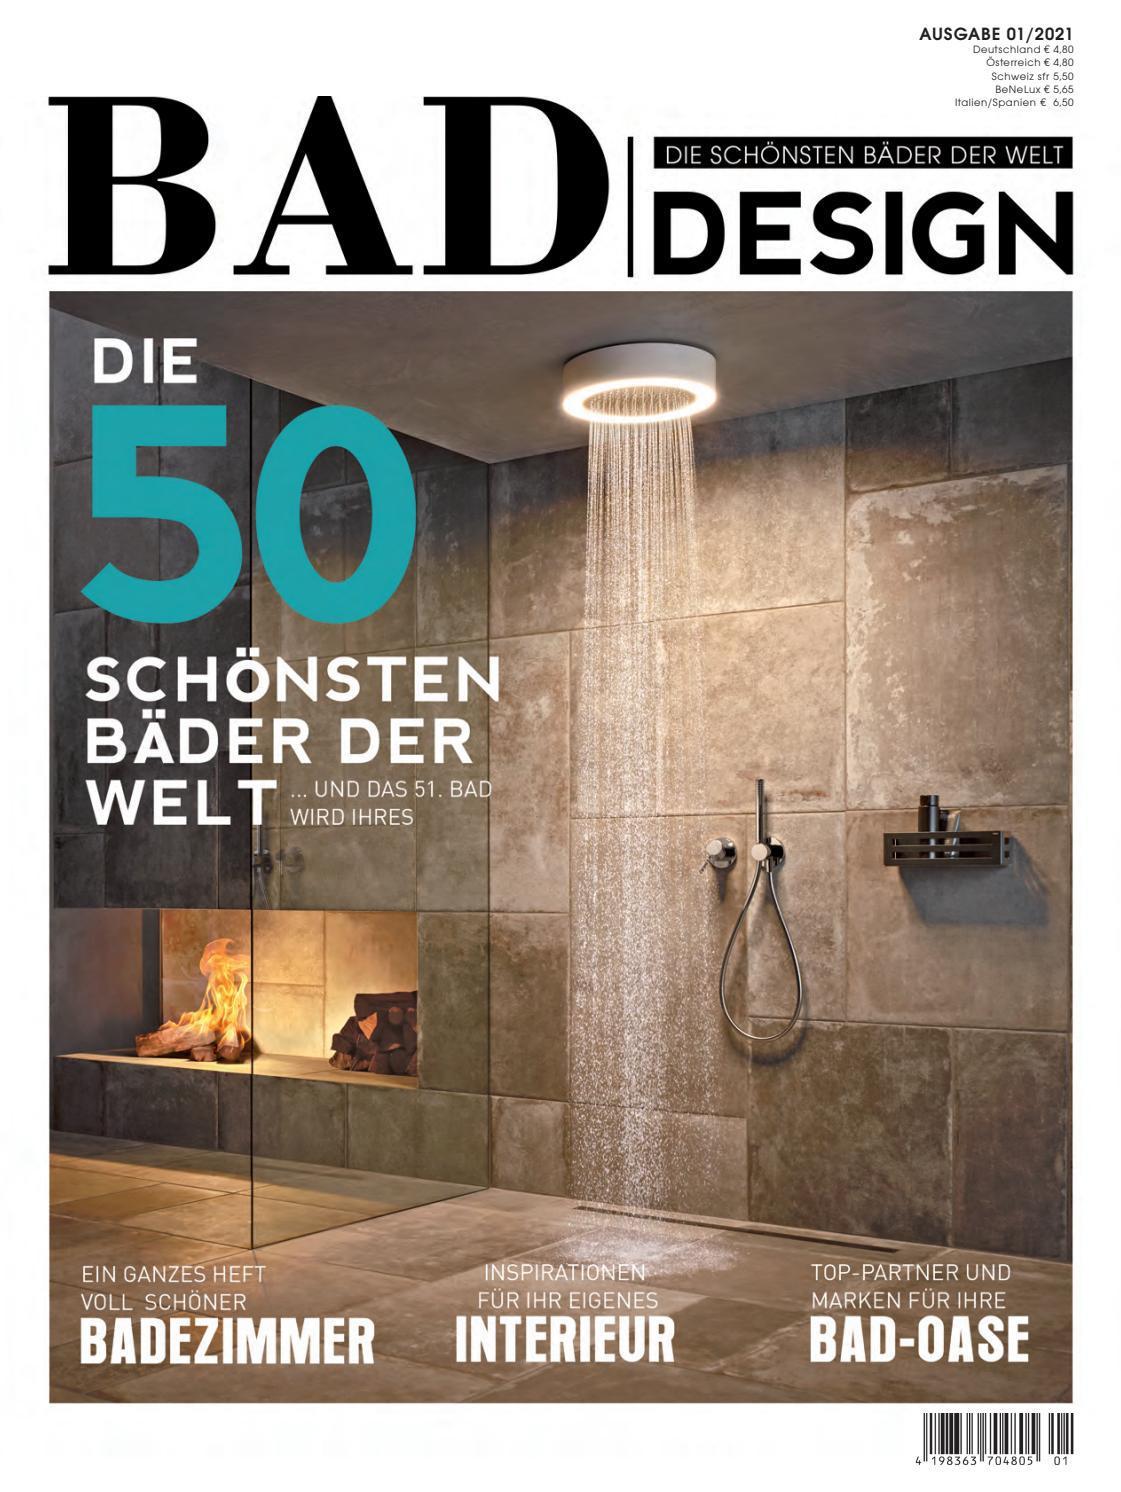 BAD/DESIGN Magazin by bt verlag   issuu